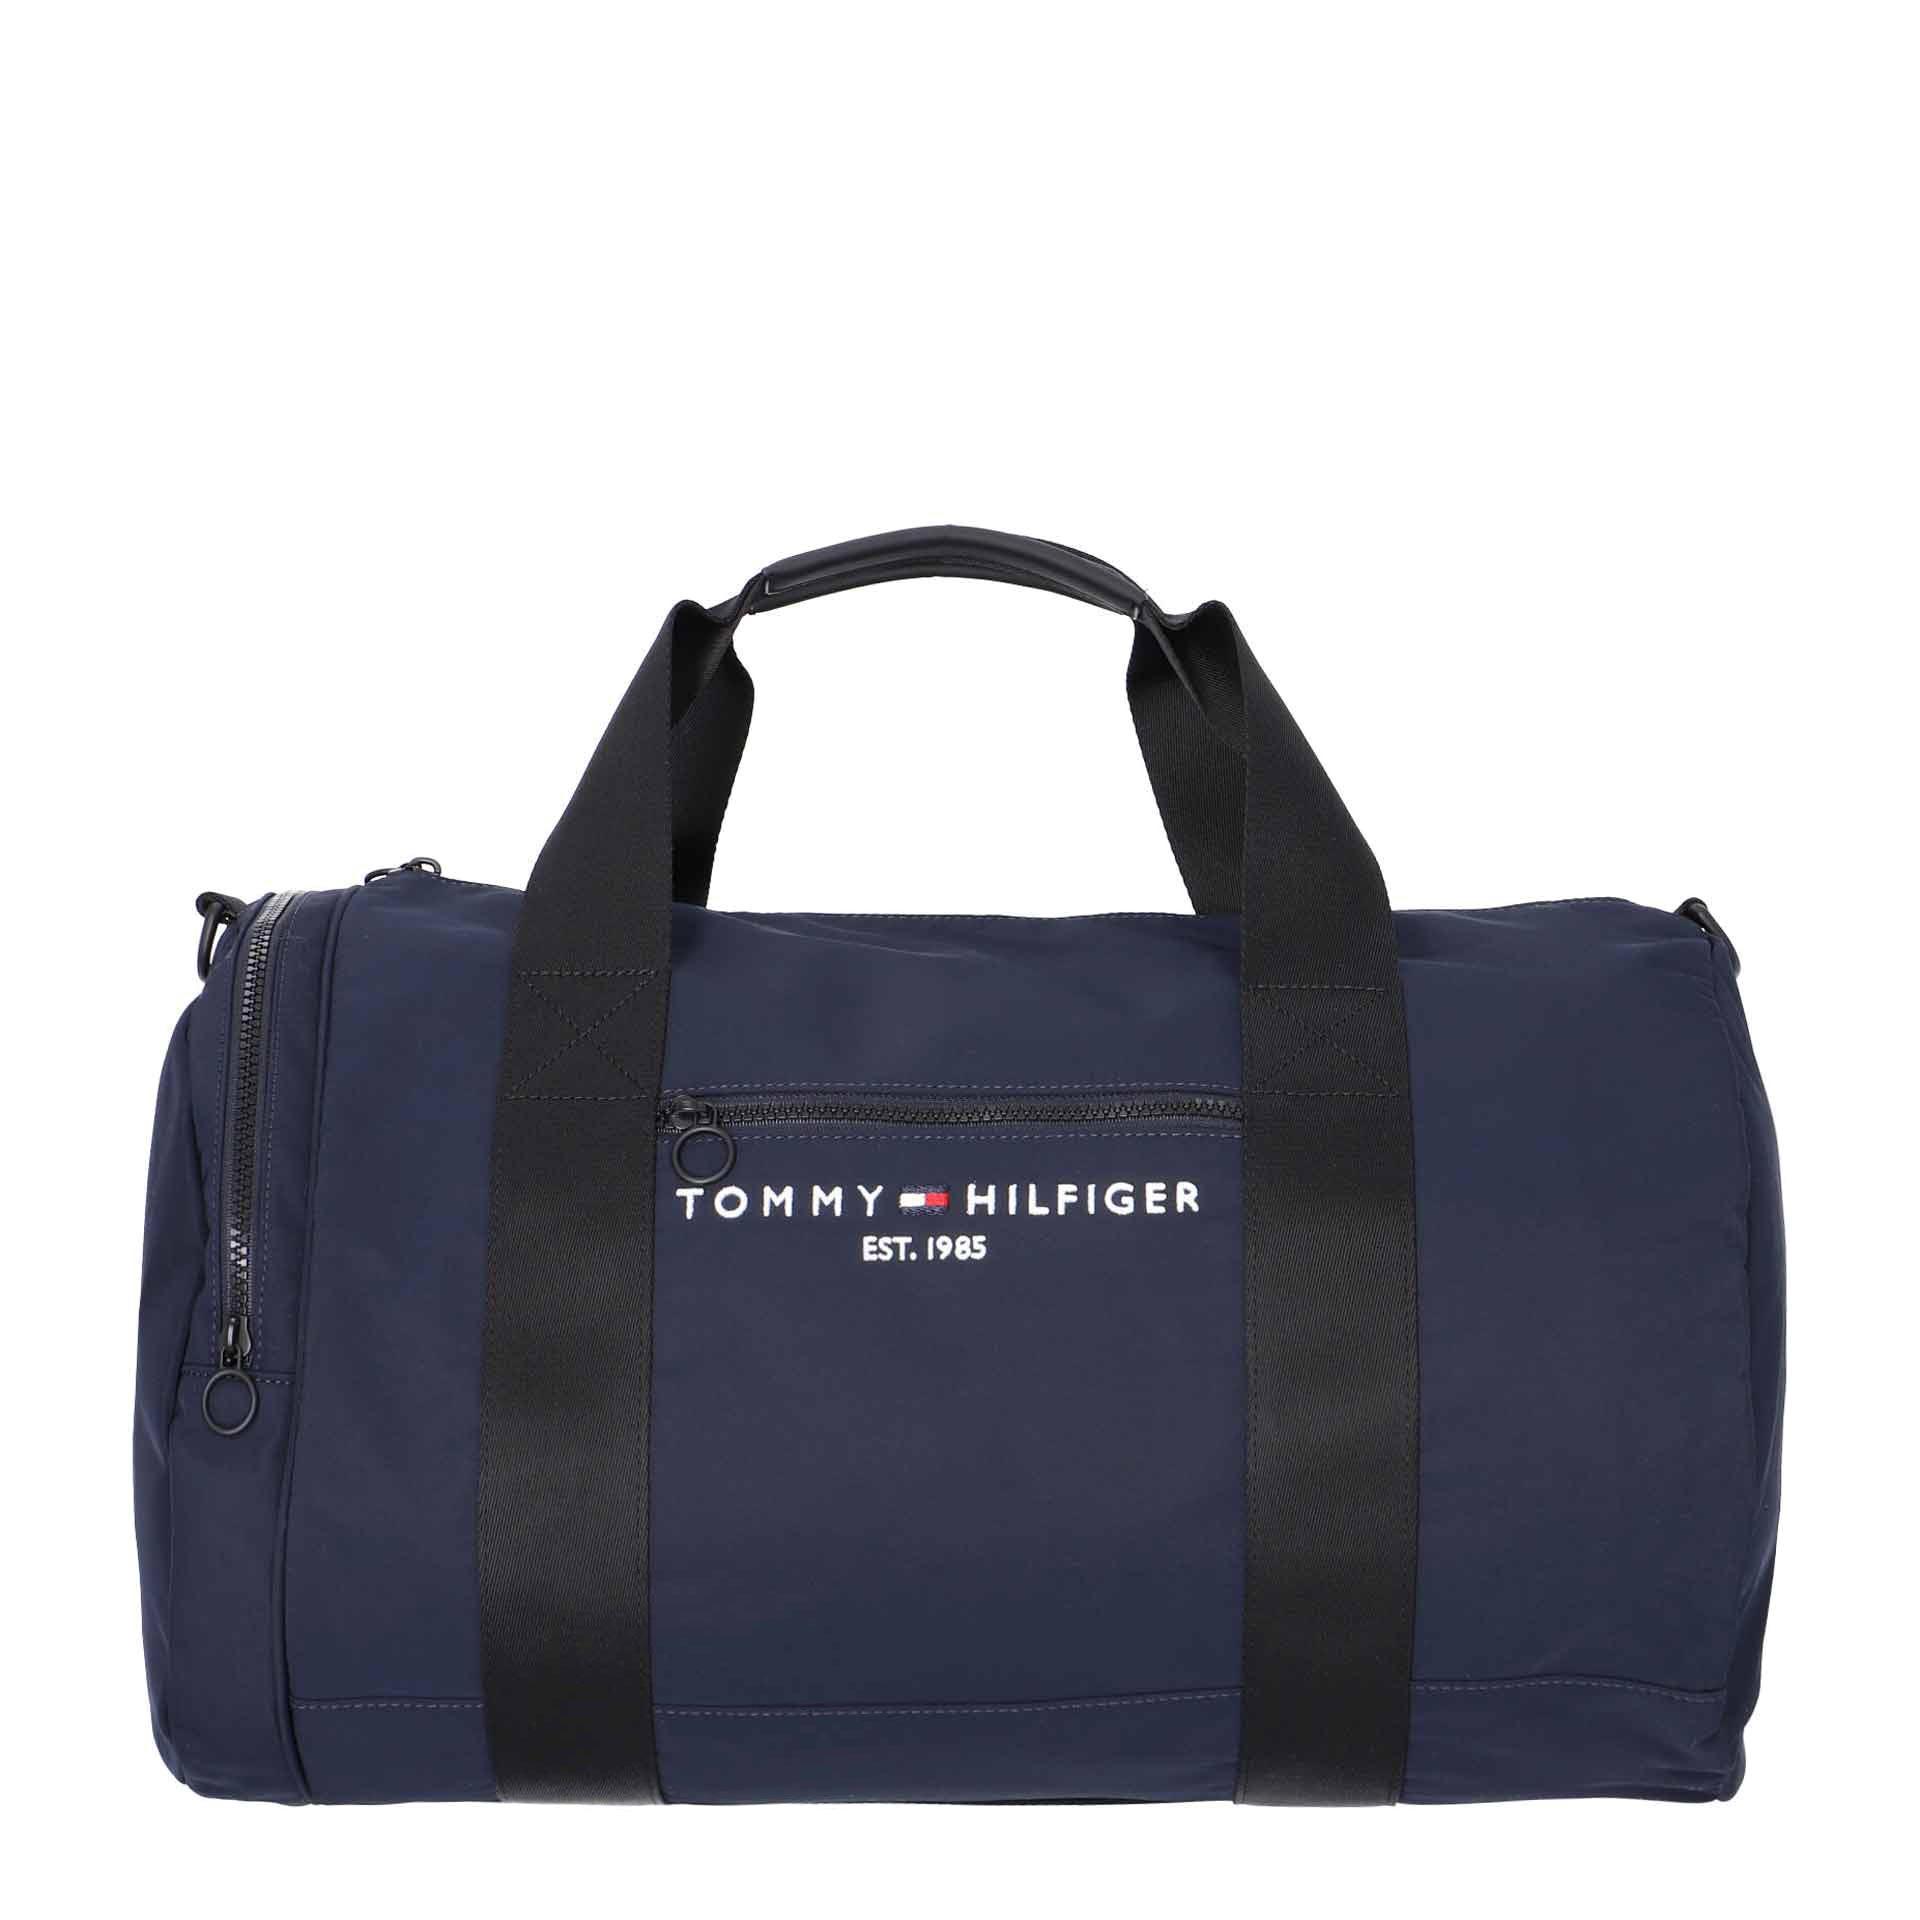 Tommy Hilfiger TH Established Duffle Bag desert sky